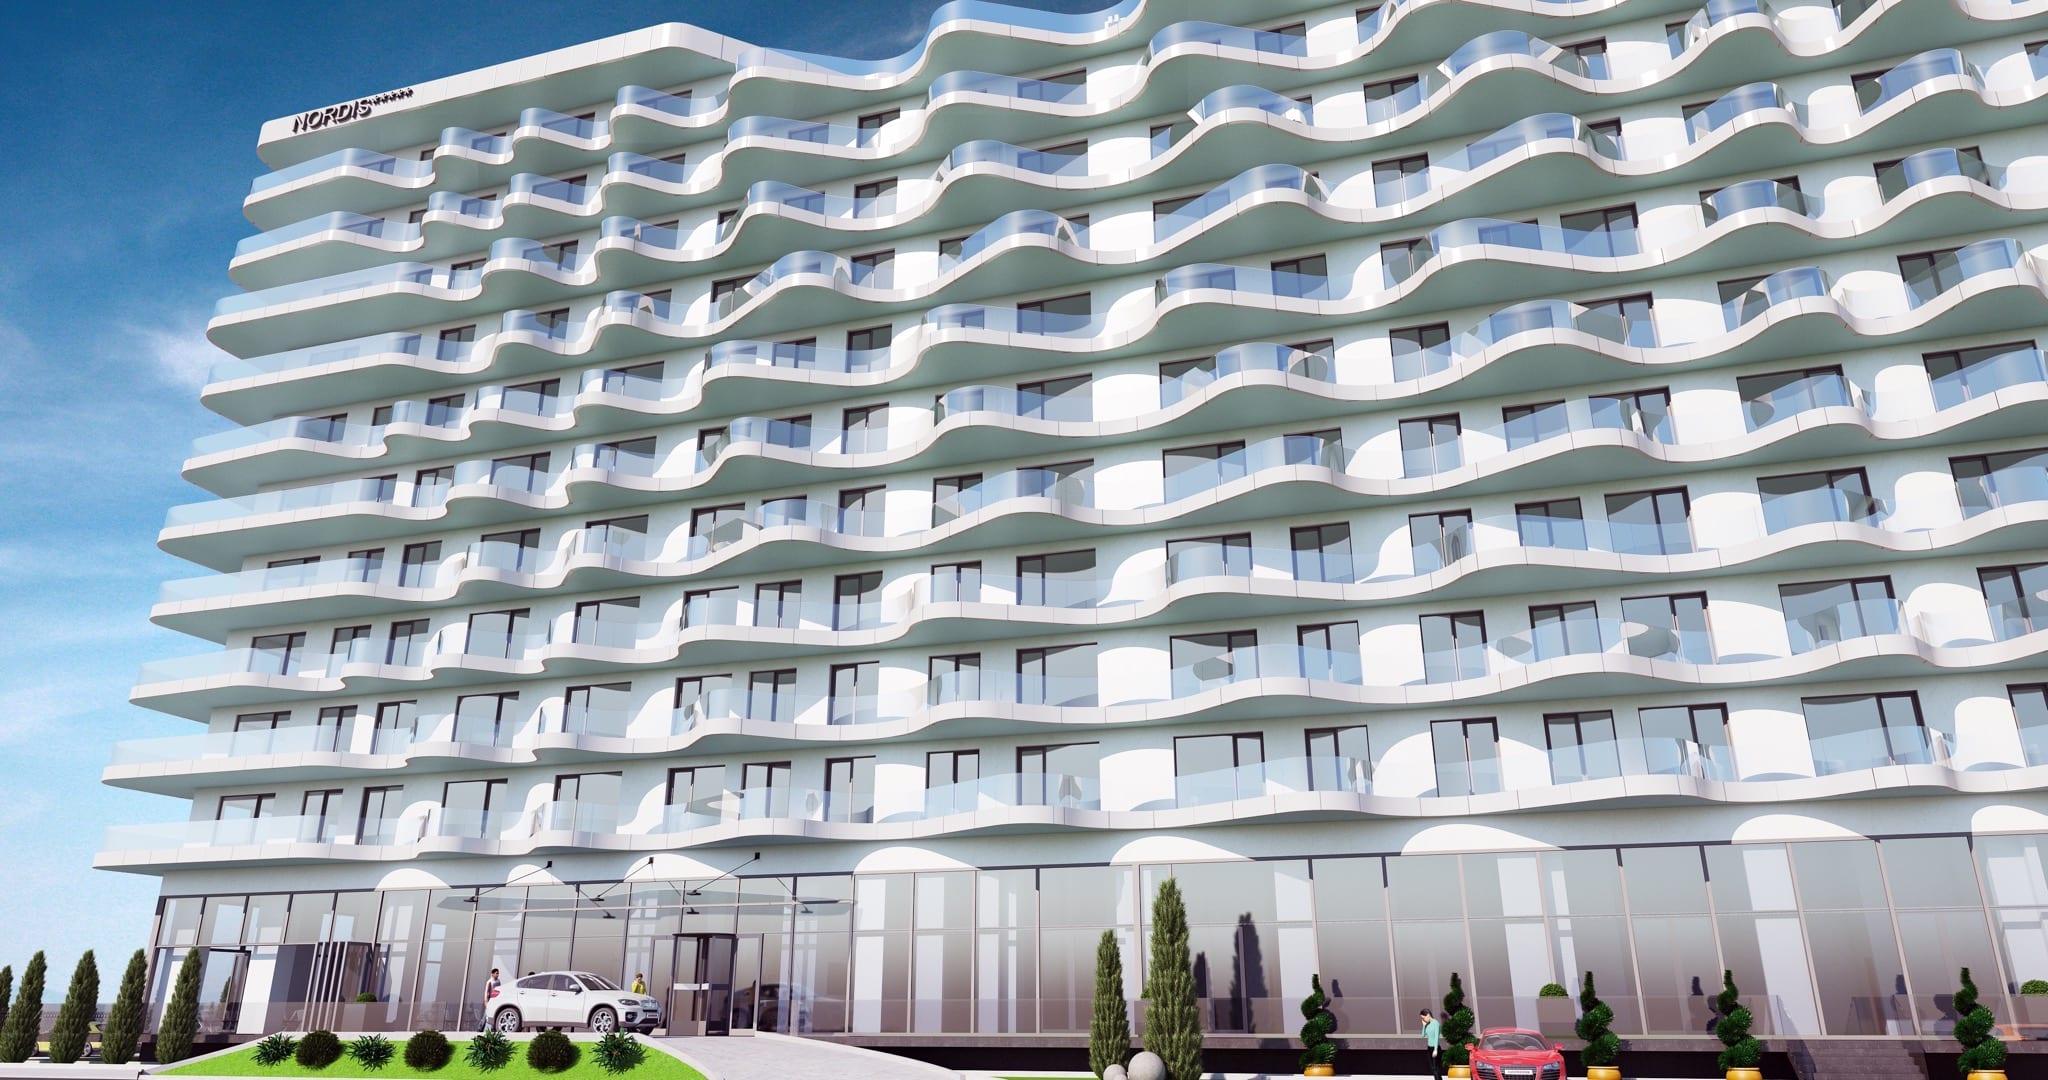 Mamaia 2 copy - Nordis se extinde în țară. Prima fază a proiectului în afara Bucureștiului, Nordis Residence Mamaia Beach, va fi finalizată la începutul sezonului 2020